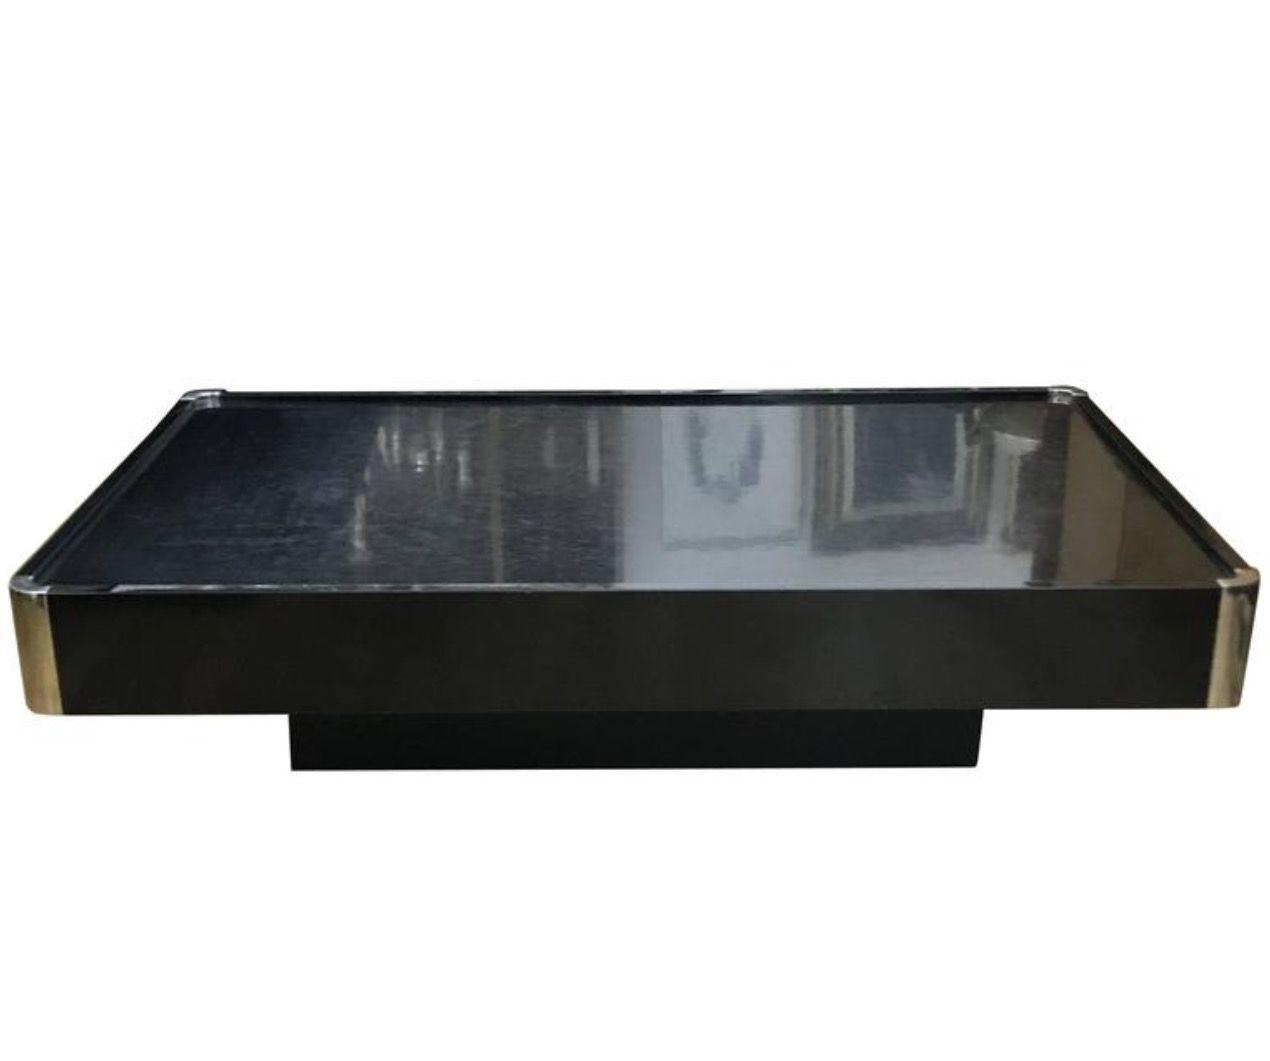 lackierter schwarzer couchtisch mit verchromten ecken von willy rizzo 1970er bei pamono kaufen. Black Bedroom Furniture Sets. Home Design Ideas